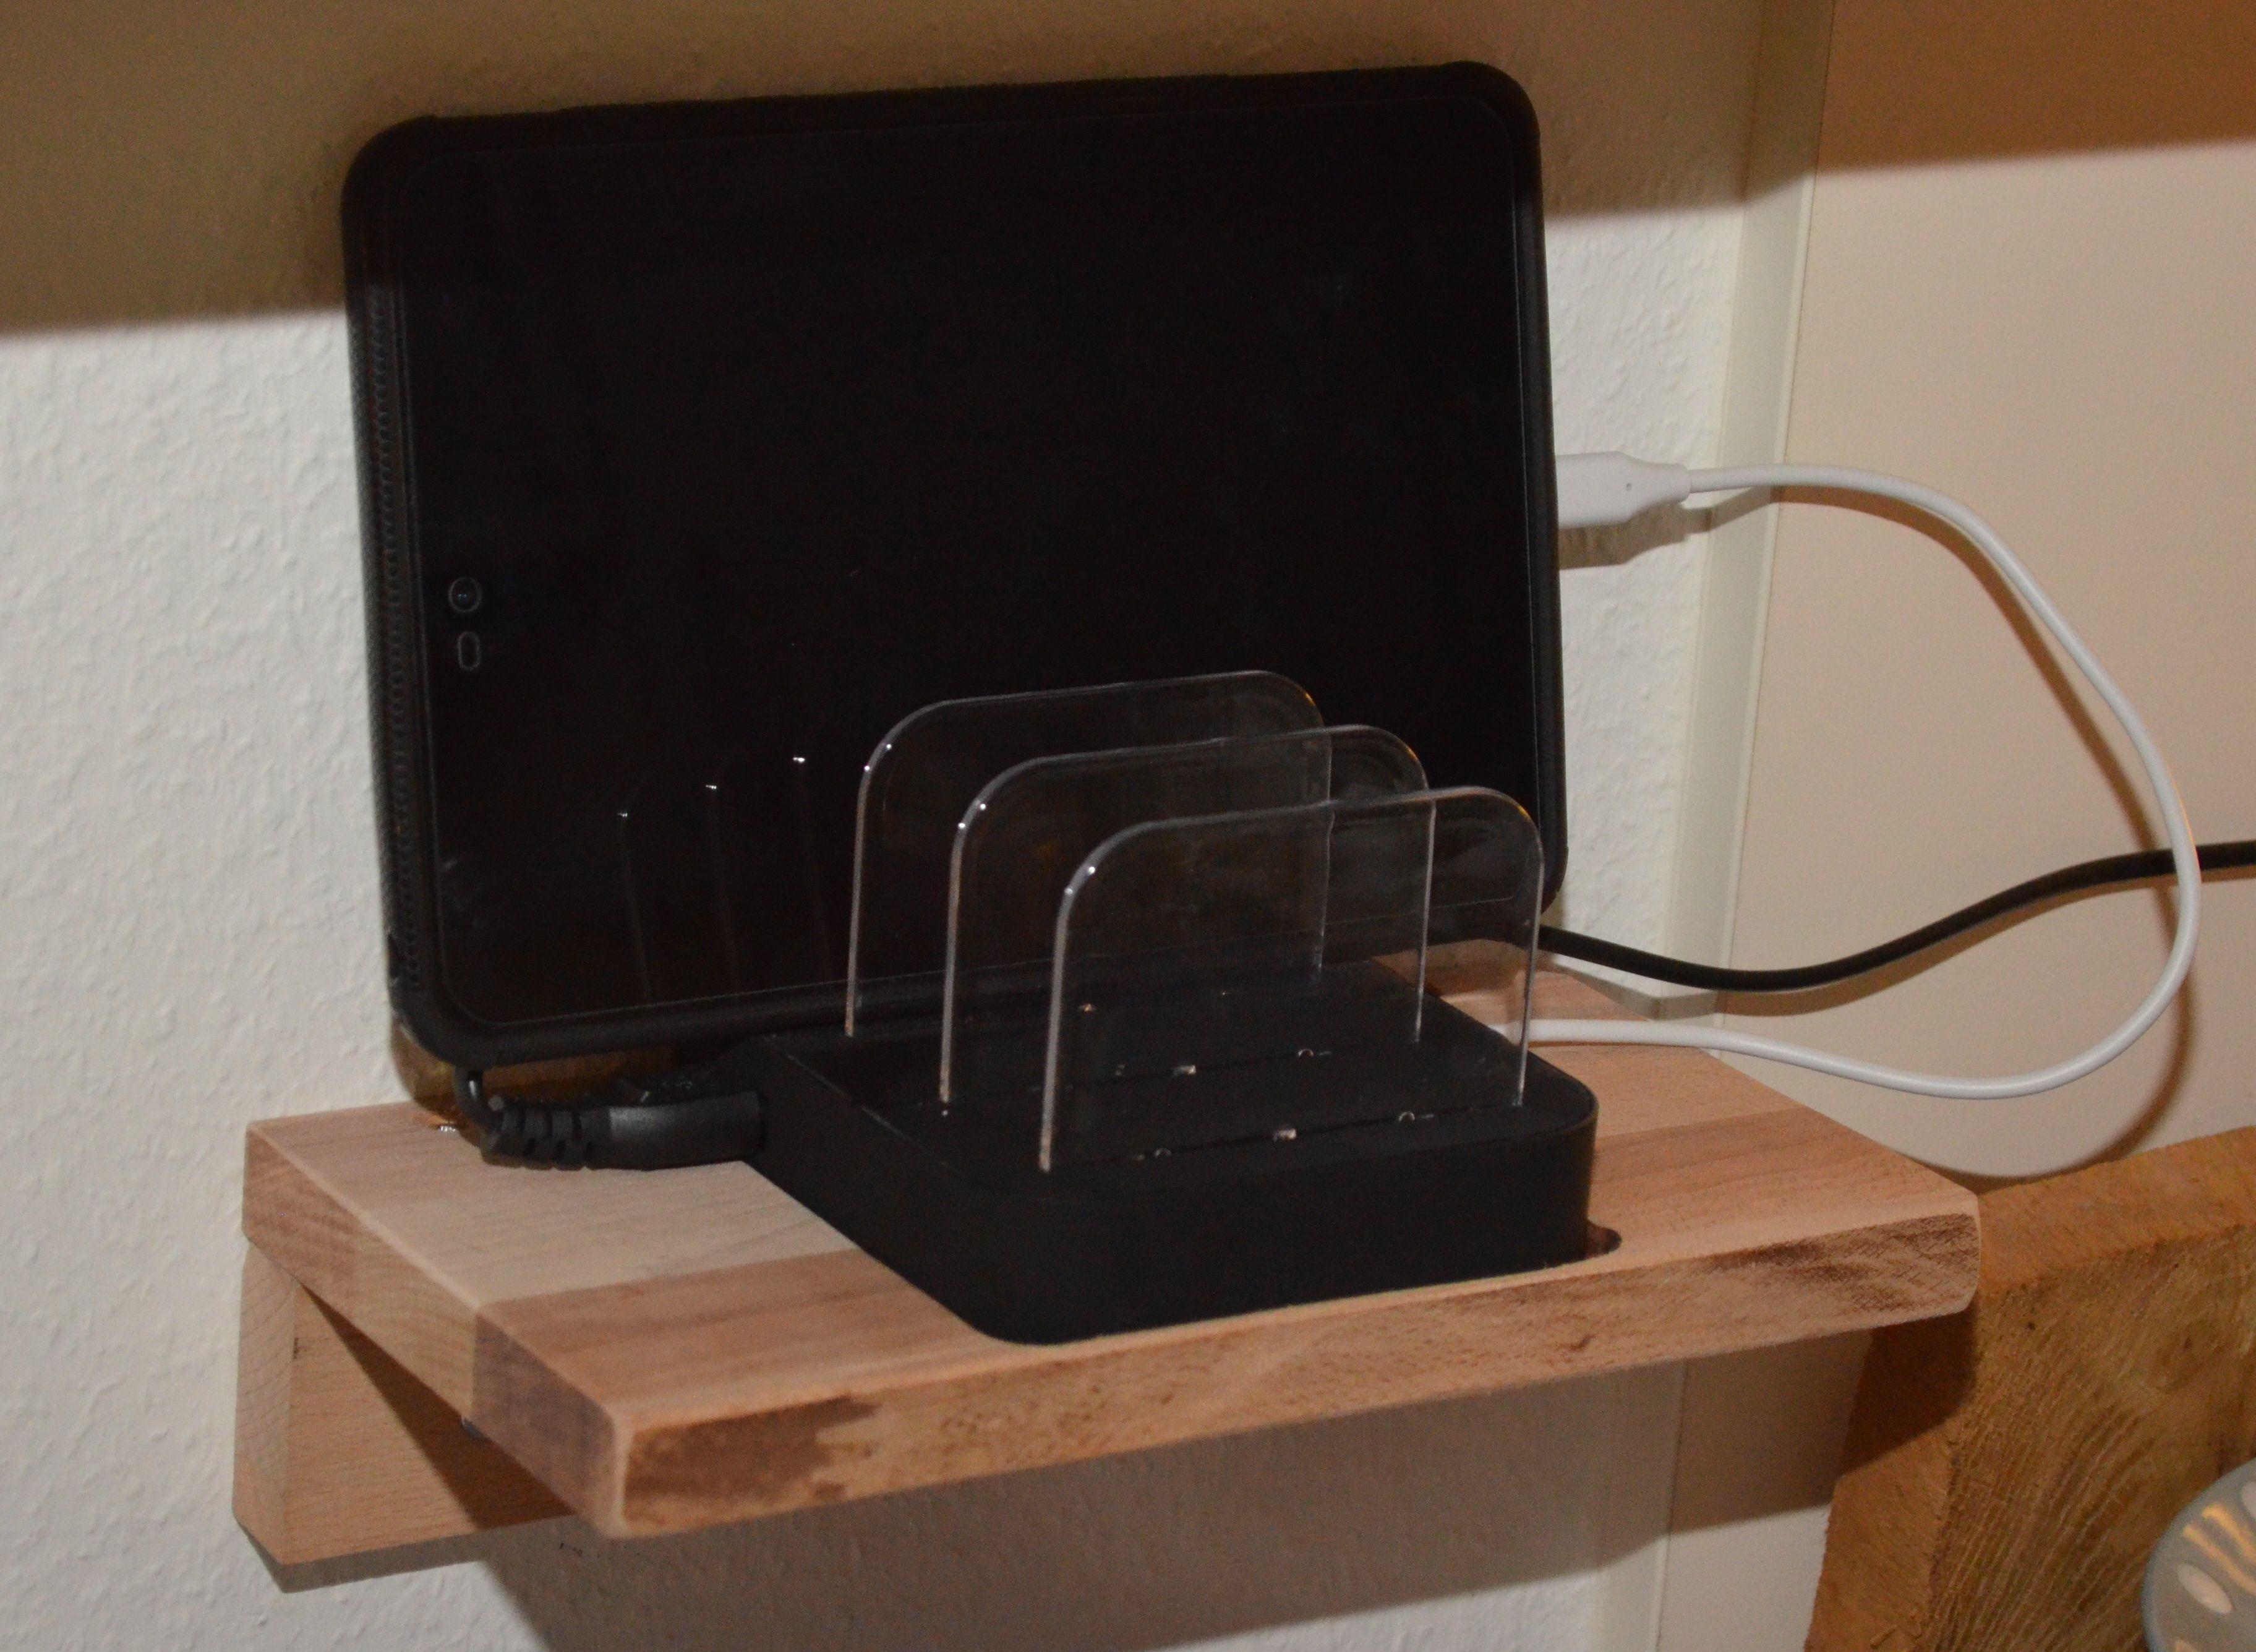 Holz Ablage Für Tablet Smartphone Ladestation Bauanleitung Zum